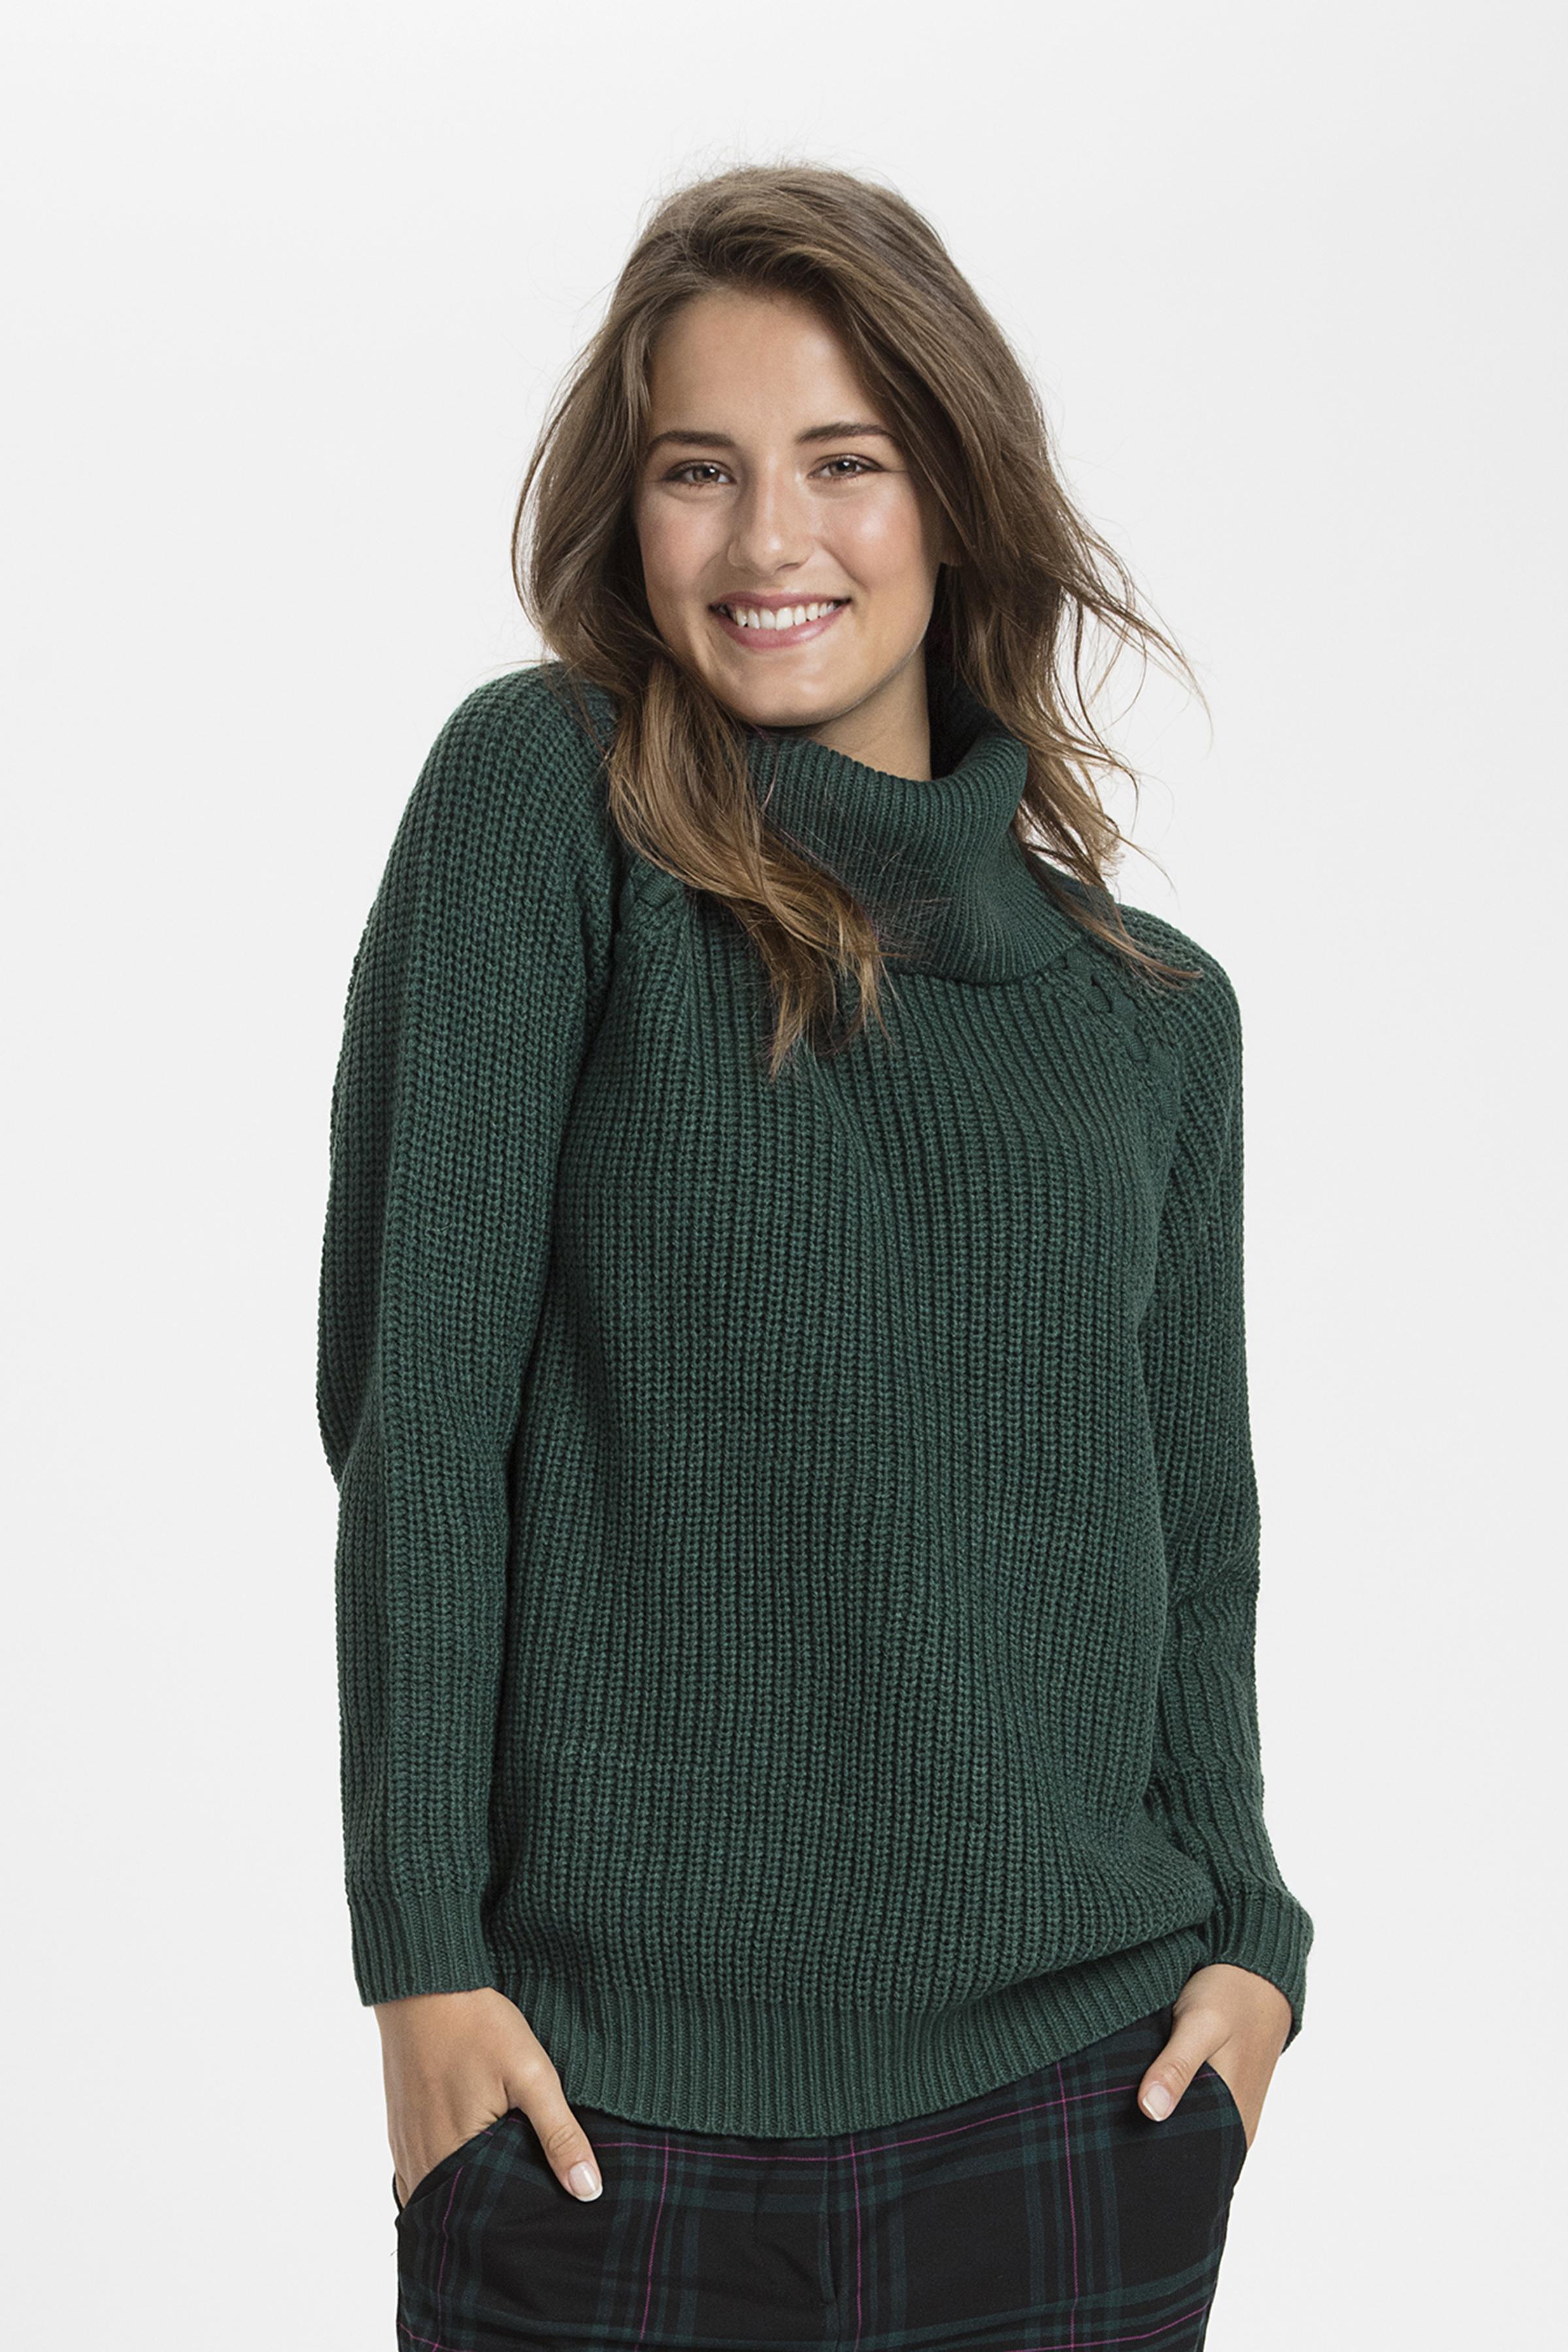 Buteljgrön Stickad pullover från b.young – Köp Buteljgrön Stickad pullover från stl. XS-XXL här